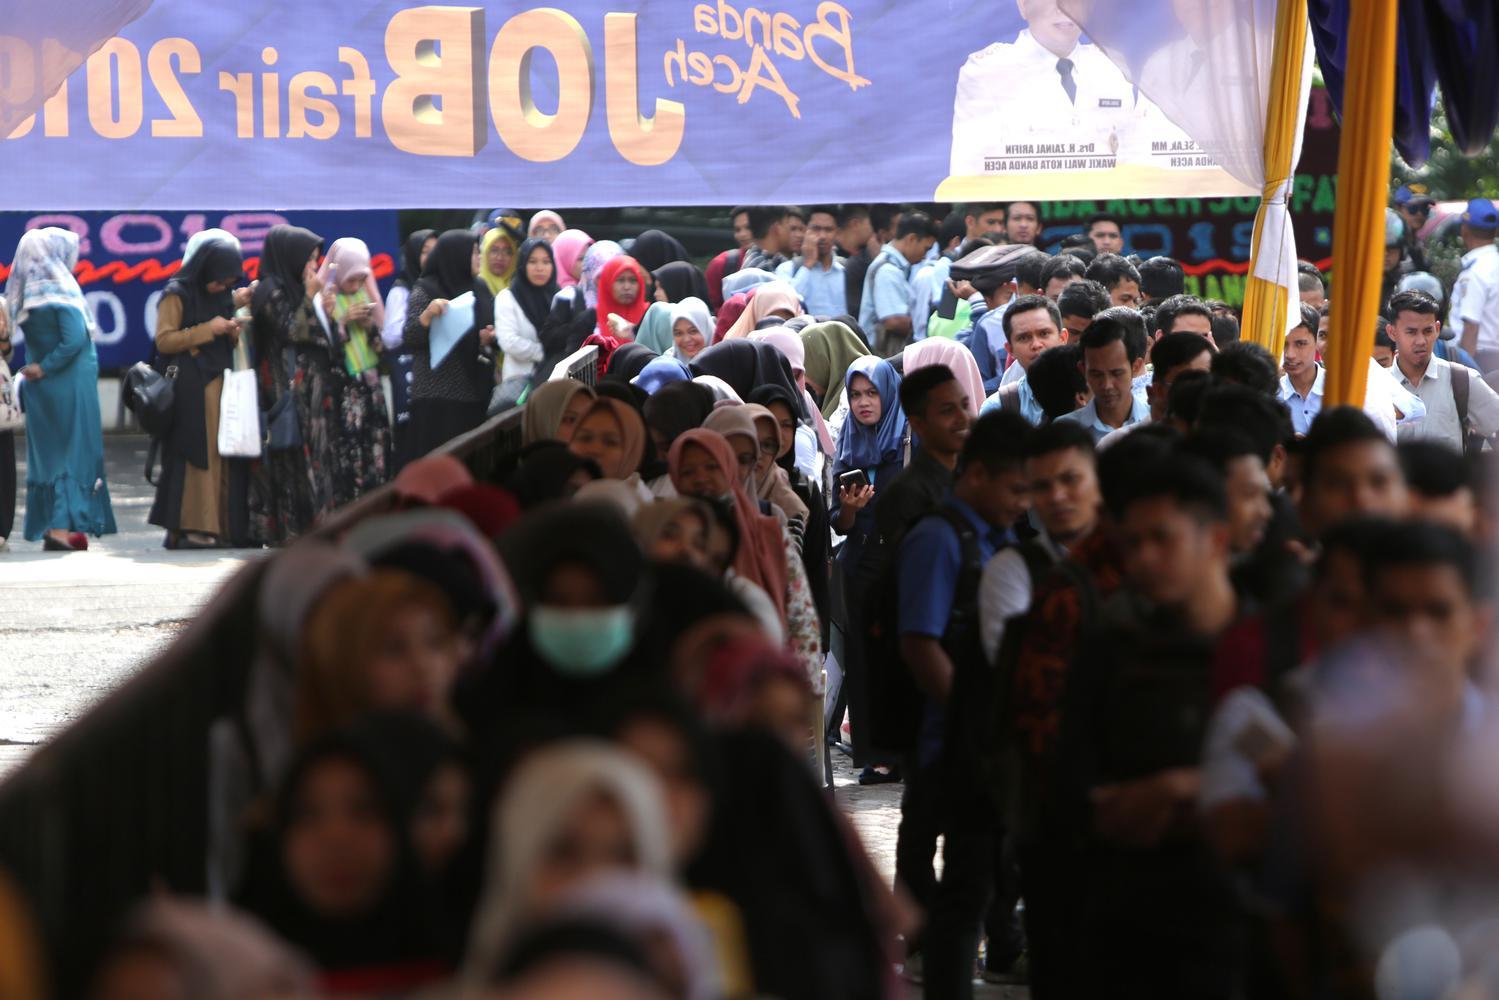 """Pencari kerja antre memasuki aula pameran """"Job Fair 2019"""" yang digelar Pemerintah Kota Banda Aceh di Gedung Amel Convention Banda Aceh, Aceh, Rabu (25/9/2019). Data Badan Pusat Statistik (BPS) menyebutkan pada awal tahun 2019, Tingkat Pengangguran Terbuka"""